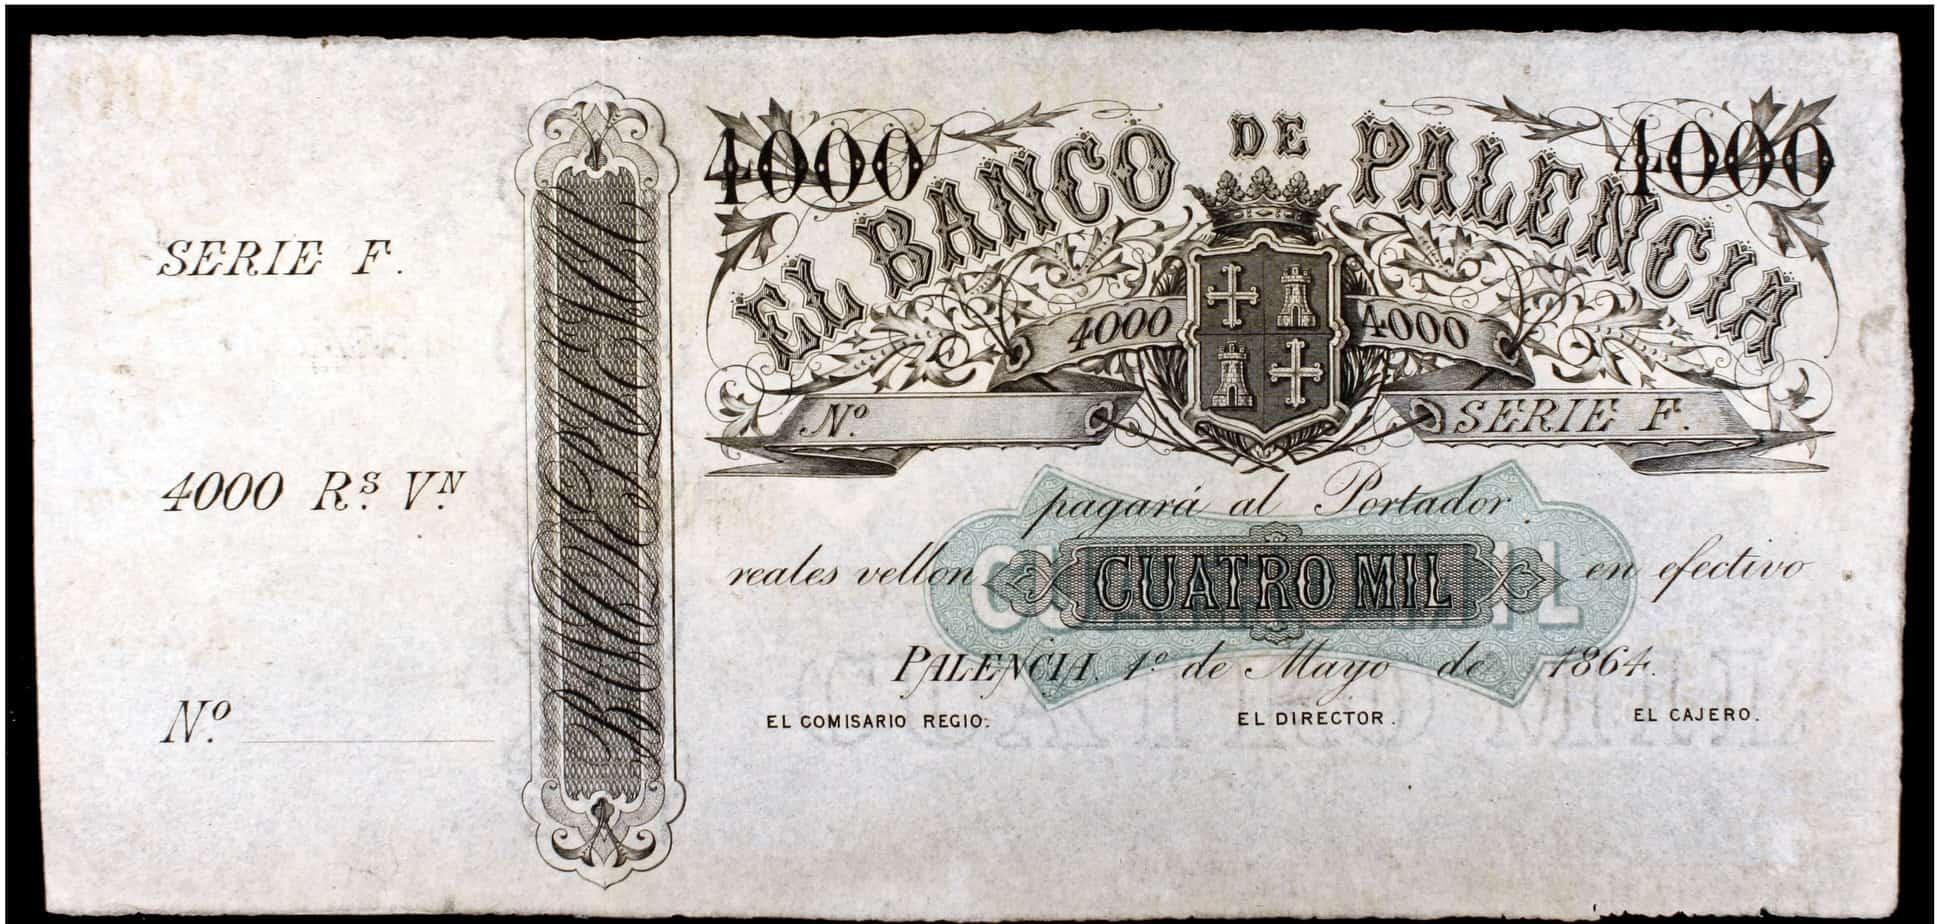 Aportaciones numismáticas de la provincia de Palencia: Billetes imprimidos